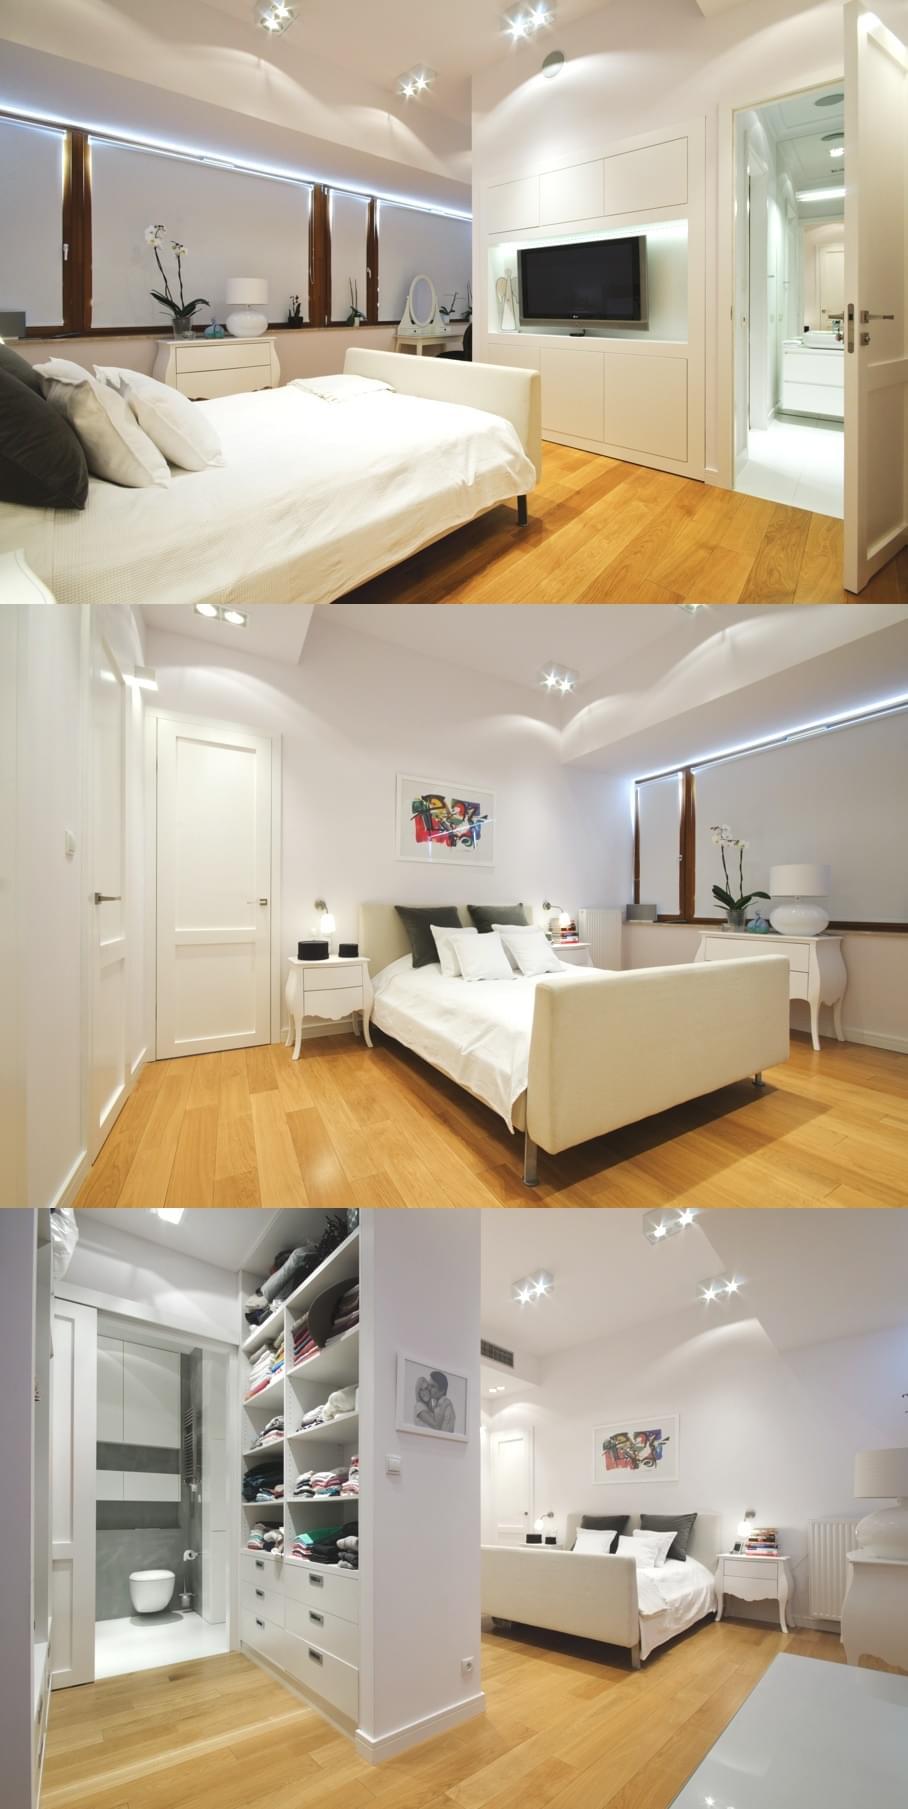 Modern Bedroom | adelto.co.uk